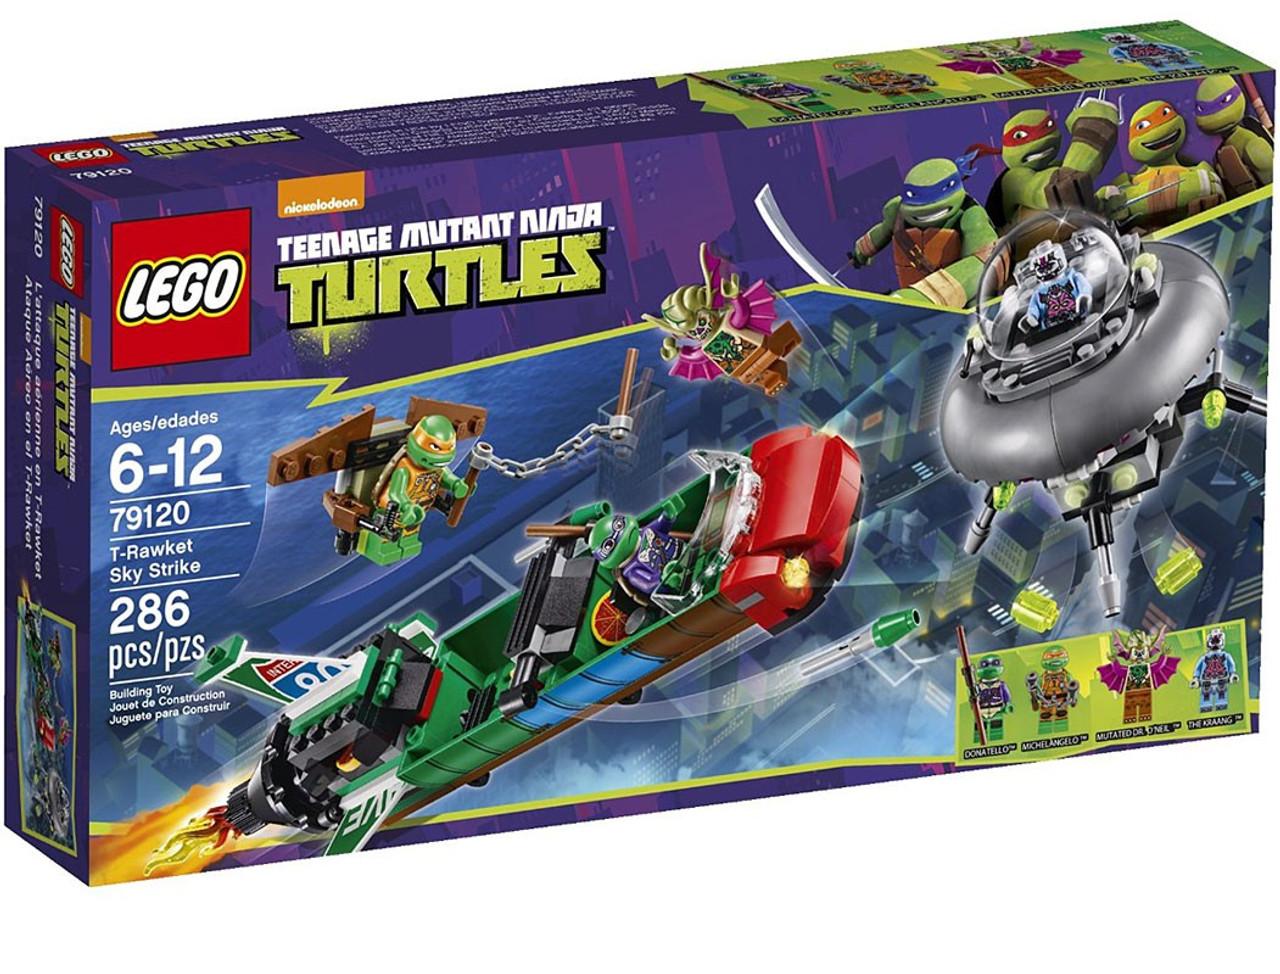 LEGO Teenage Mutant Ninja Turtles T-Rawket Sky Strike Set #79120